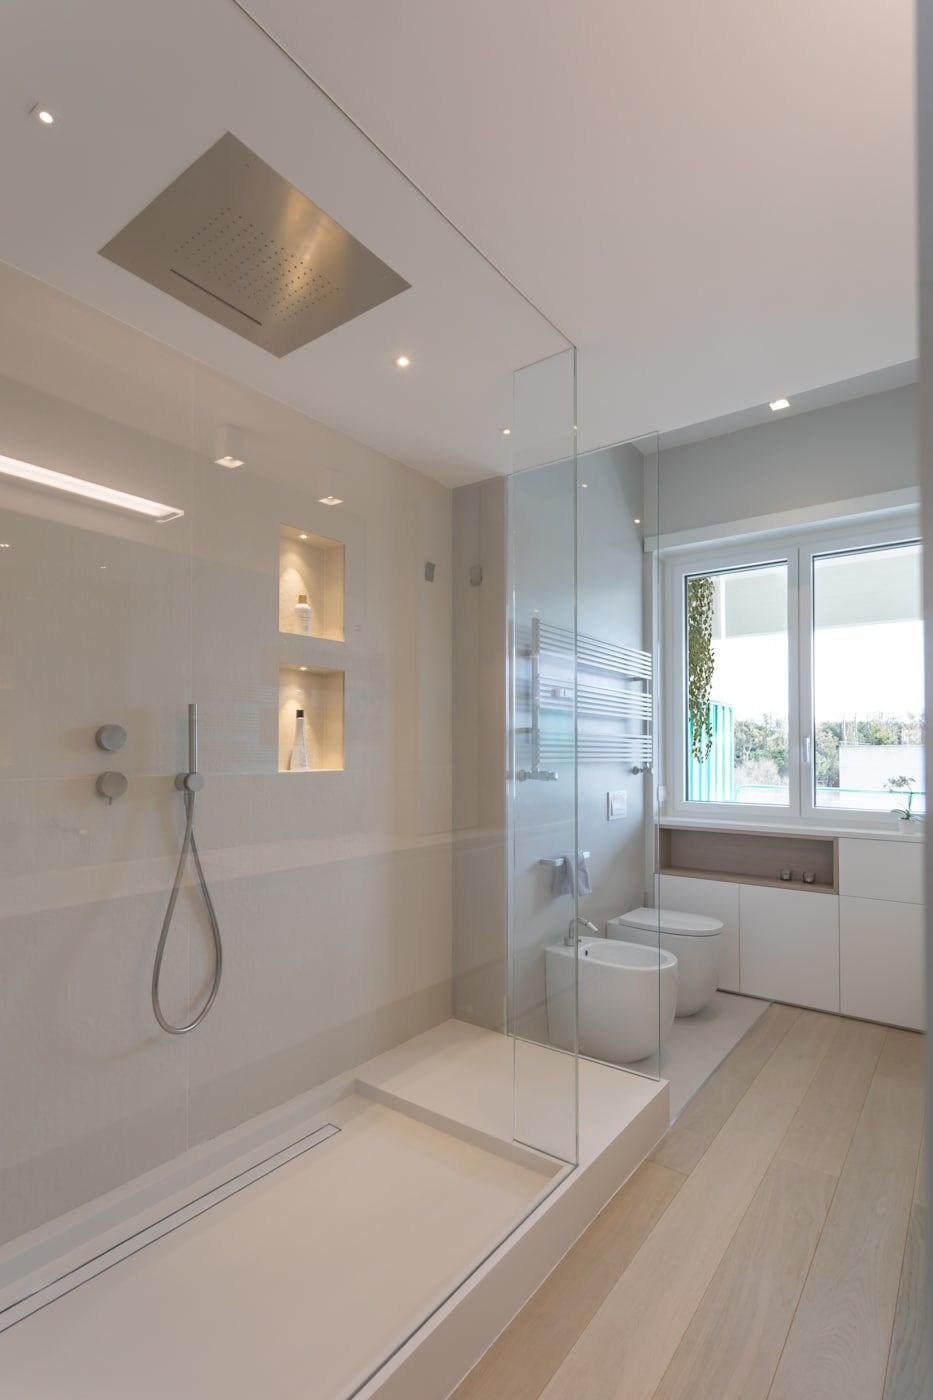 Casa Fg Bianco Scolpito Mamestudio Bagno Moderno Homify Arredo Bagno Bianco Bagno Interno Bagno Minimalista